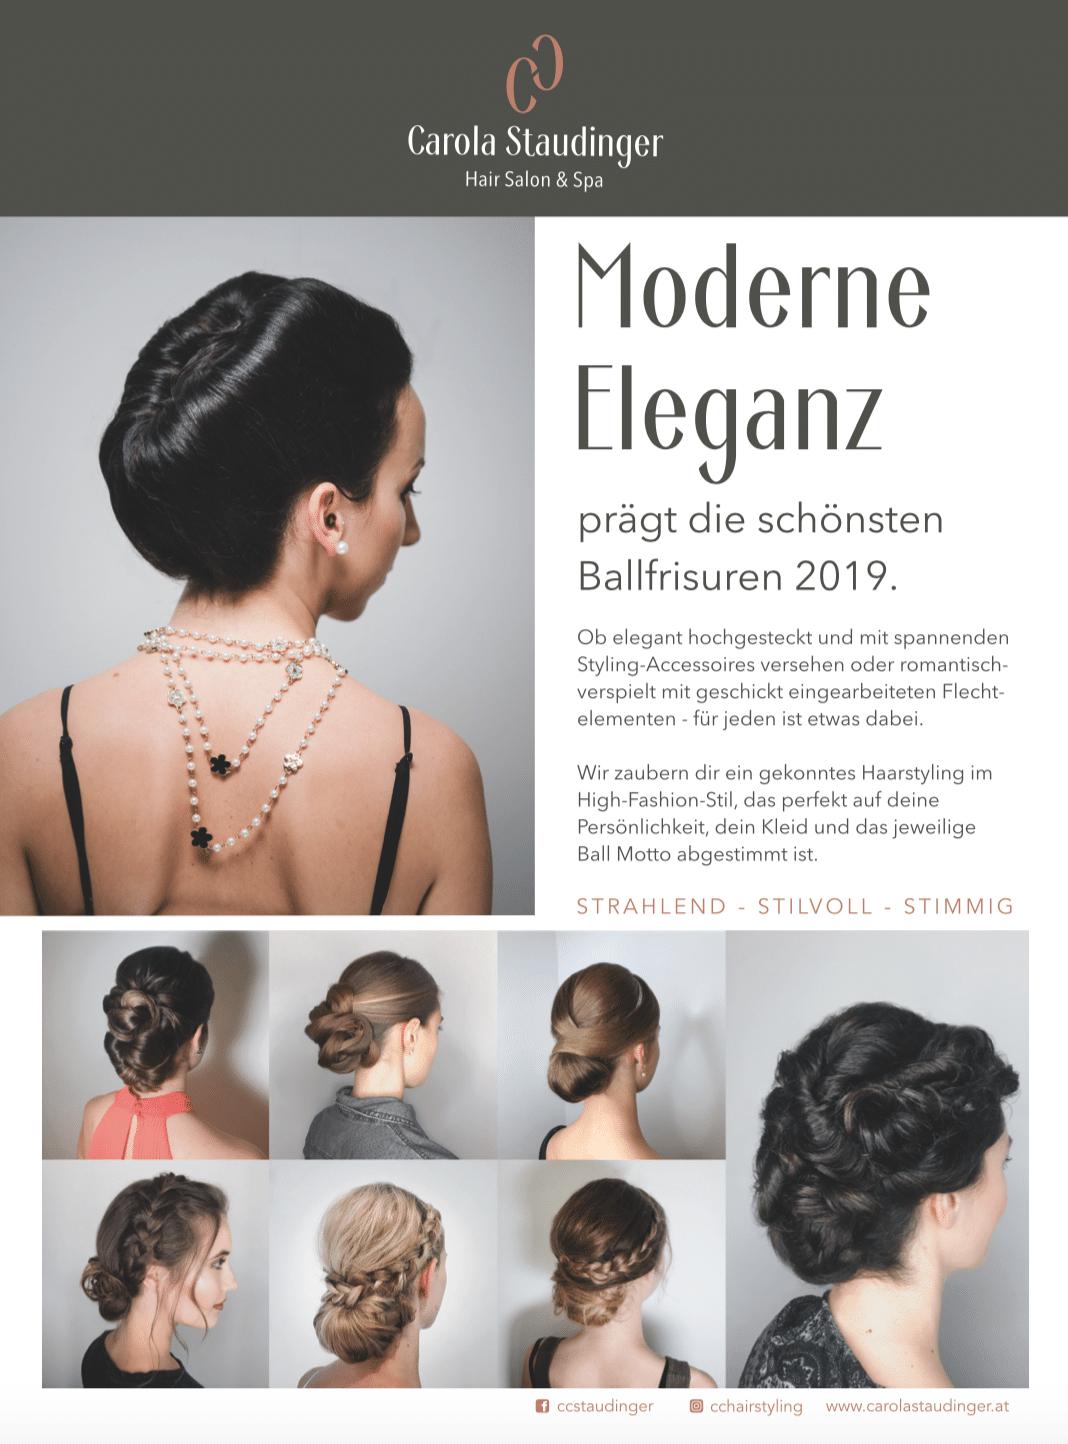 Carola Claudia Staudinger Hair Salon & Spa prägt die schönsten Ballfrisuren 2019. Ob elegant hochgesteckt und mit spannenden Styling-Accessoires versehen oder romantisch-verspielt mit geschickt eingearbeiteten Flechtelementen - für jeden ist etwas dabei.